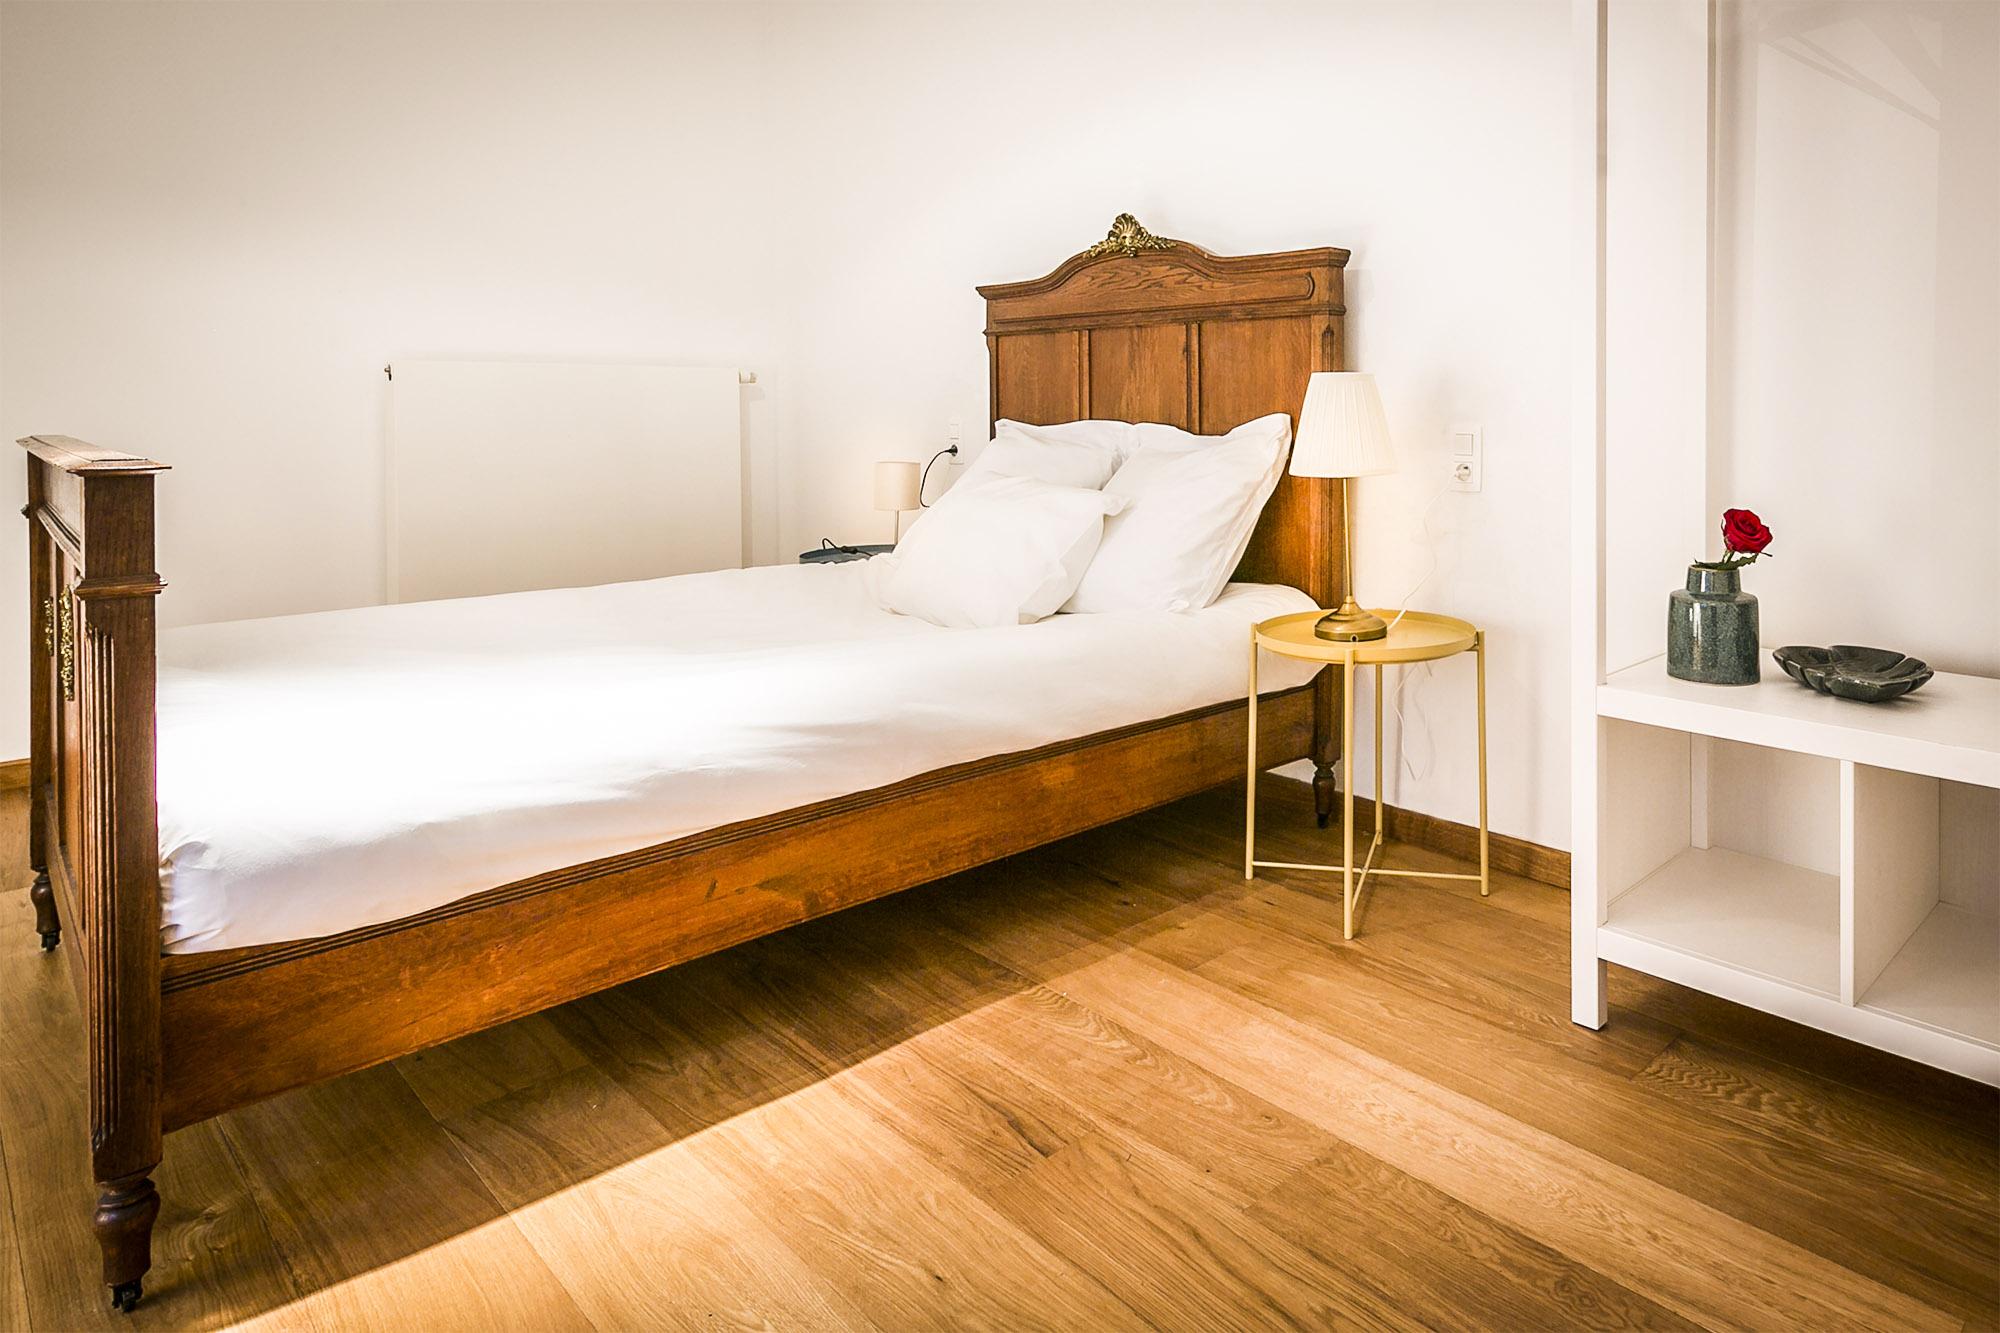 vakantiehuis te huur - slaapkamer met mooie plankenvloer